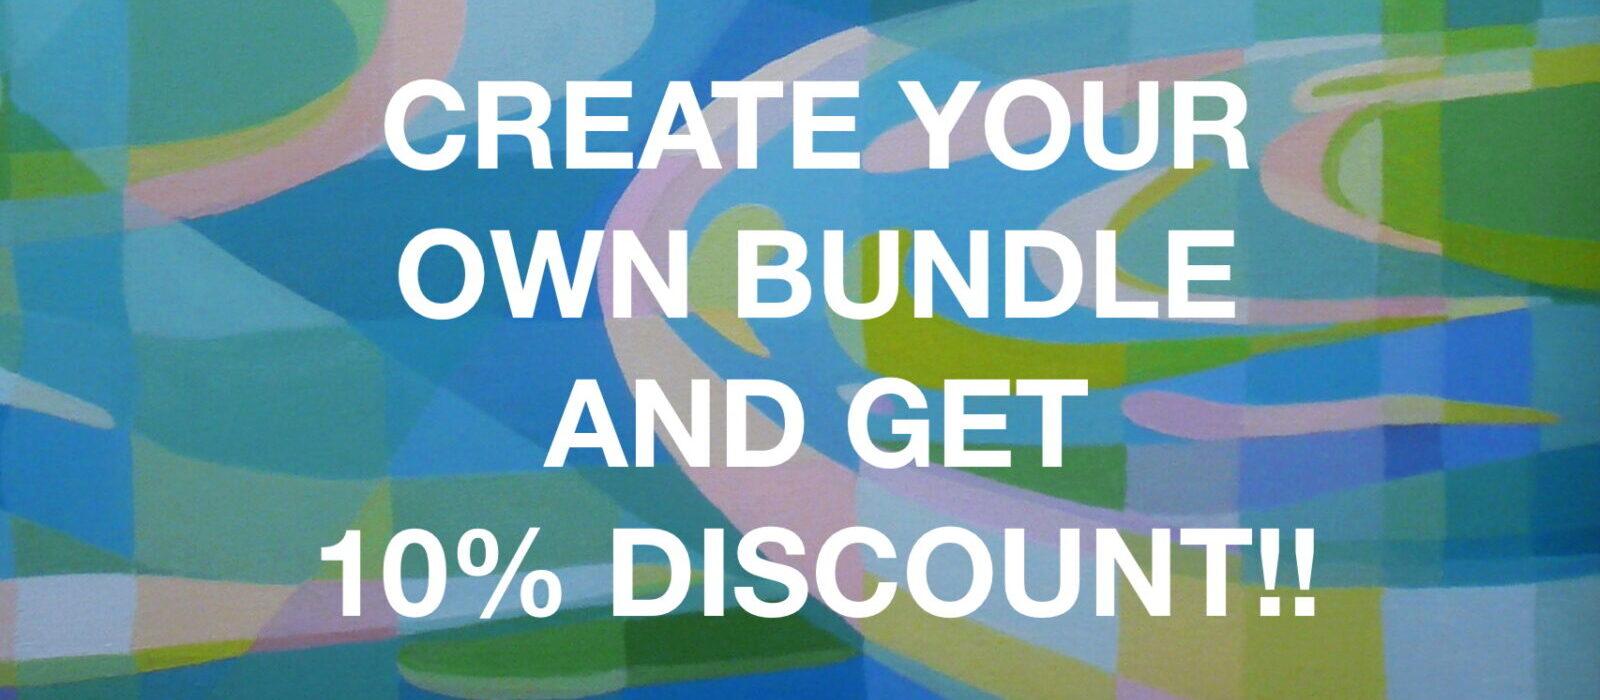 banner_offer_bundle